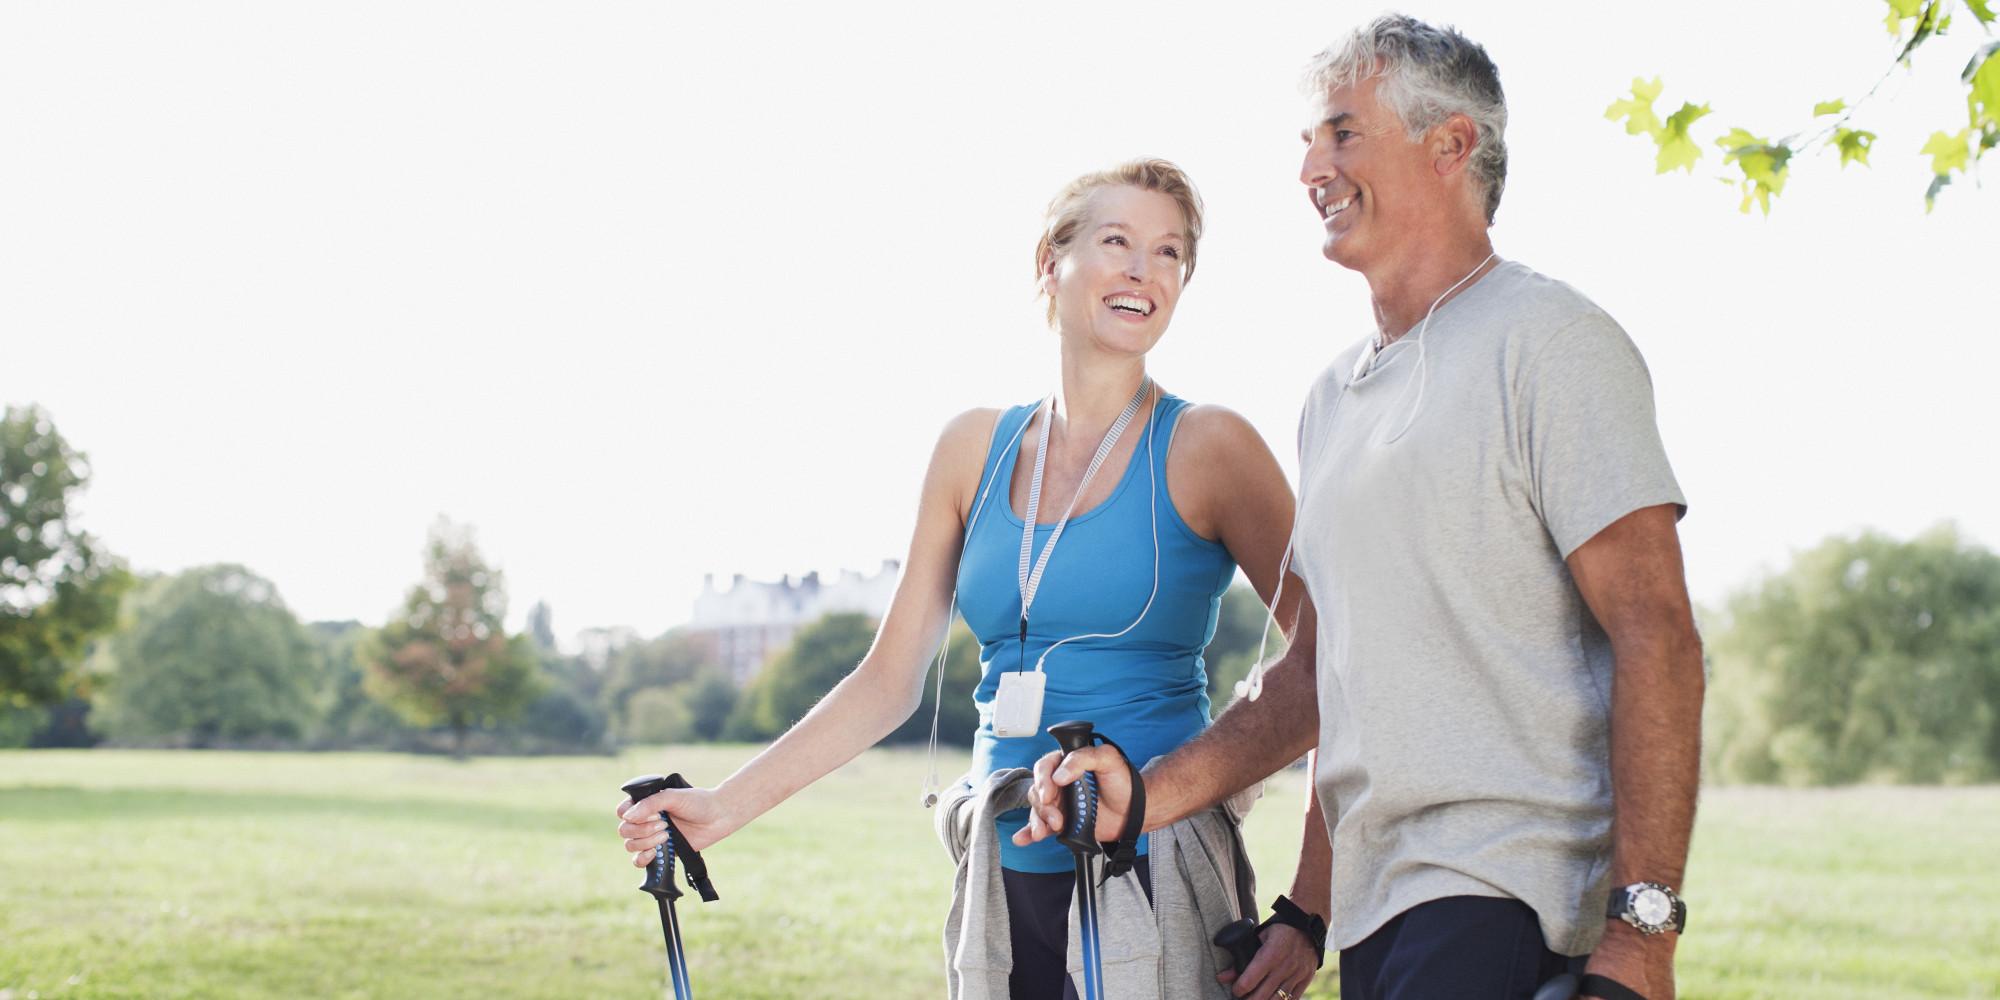 Хотя физическая активность всередине жизни ине защищает от болезни Альцгеймера встарости, она помогает сохранить здоровой сердечно-сосудистую систему иулучшает кровообращение мозга.